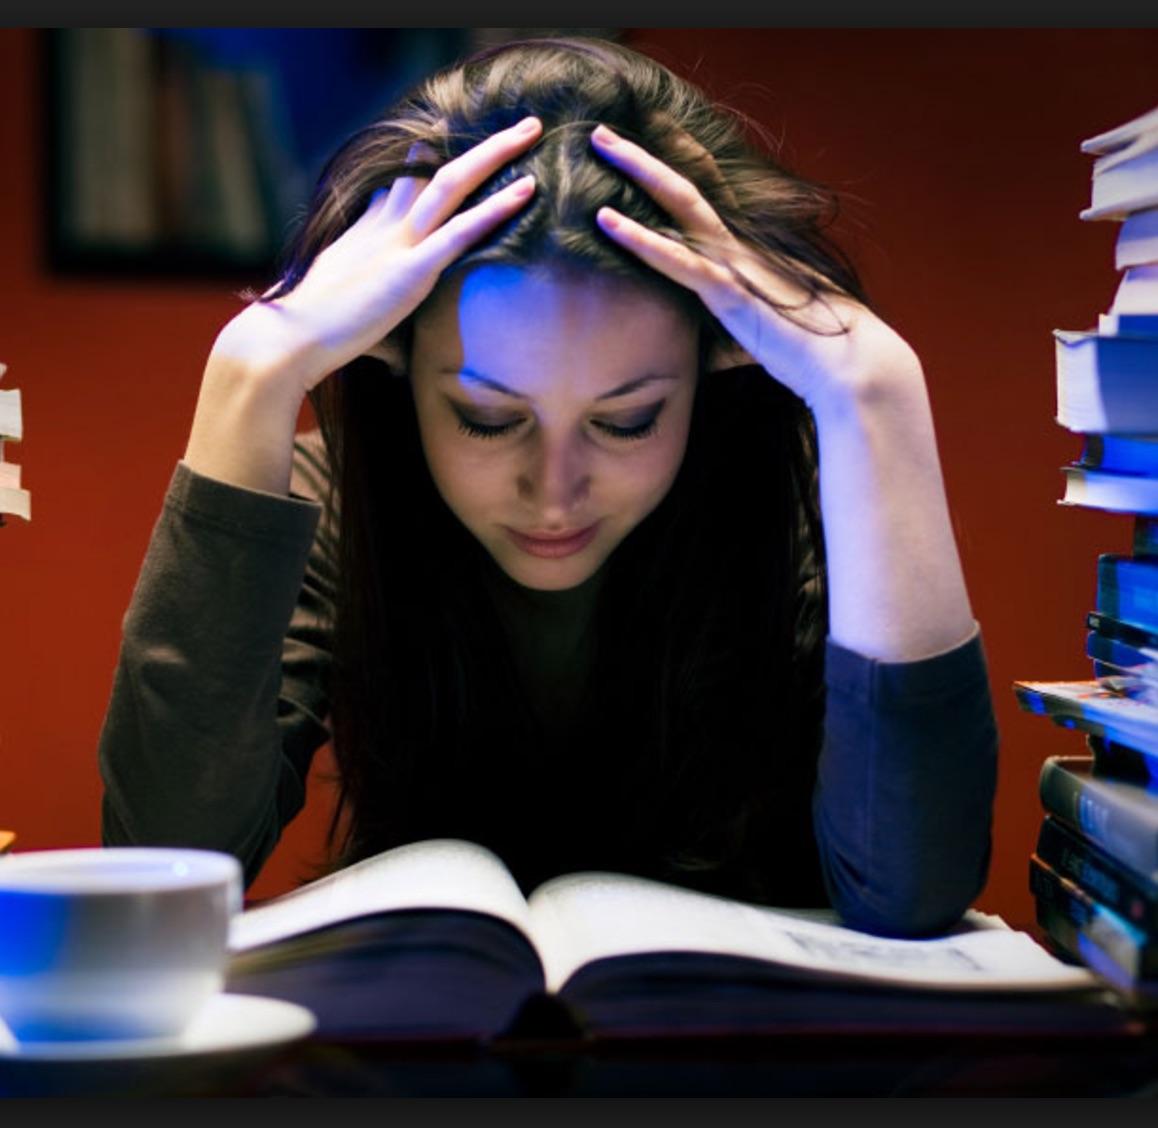 Non abbandonate gli studi!